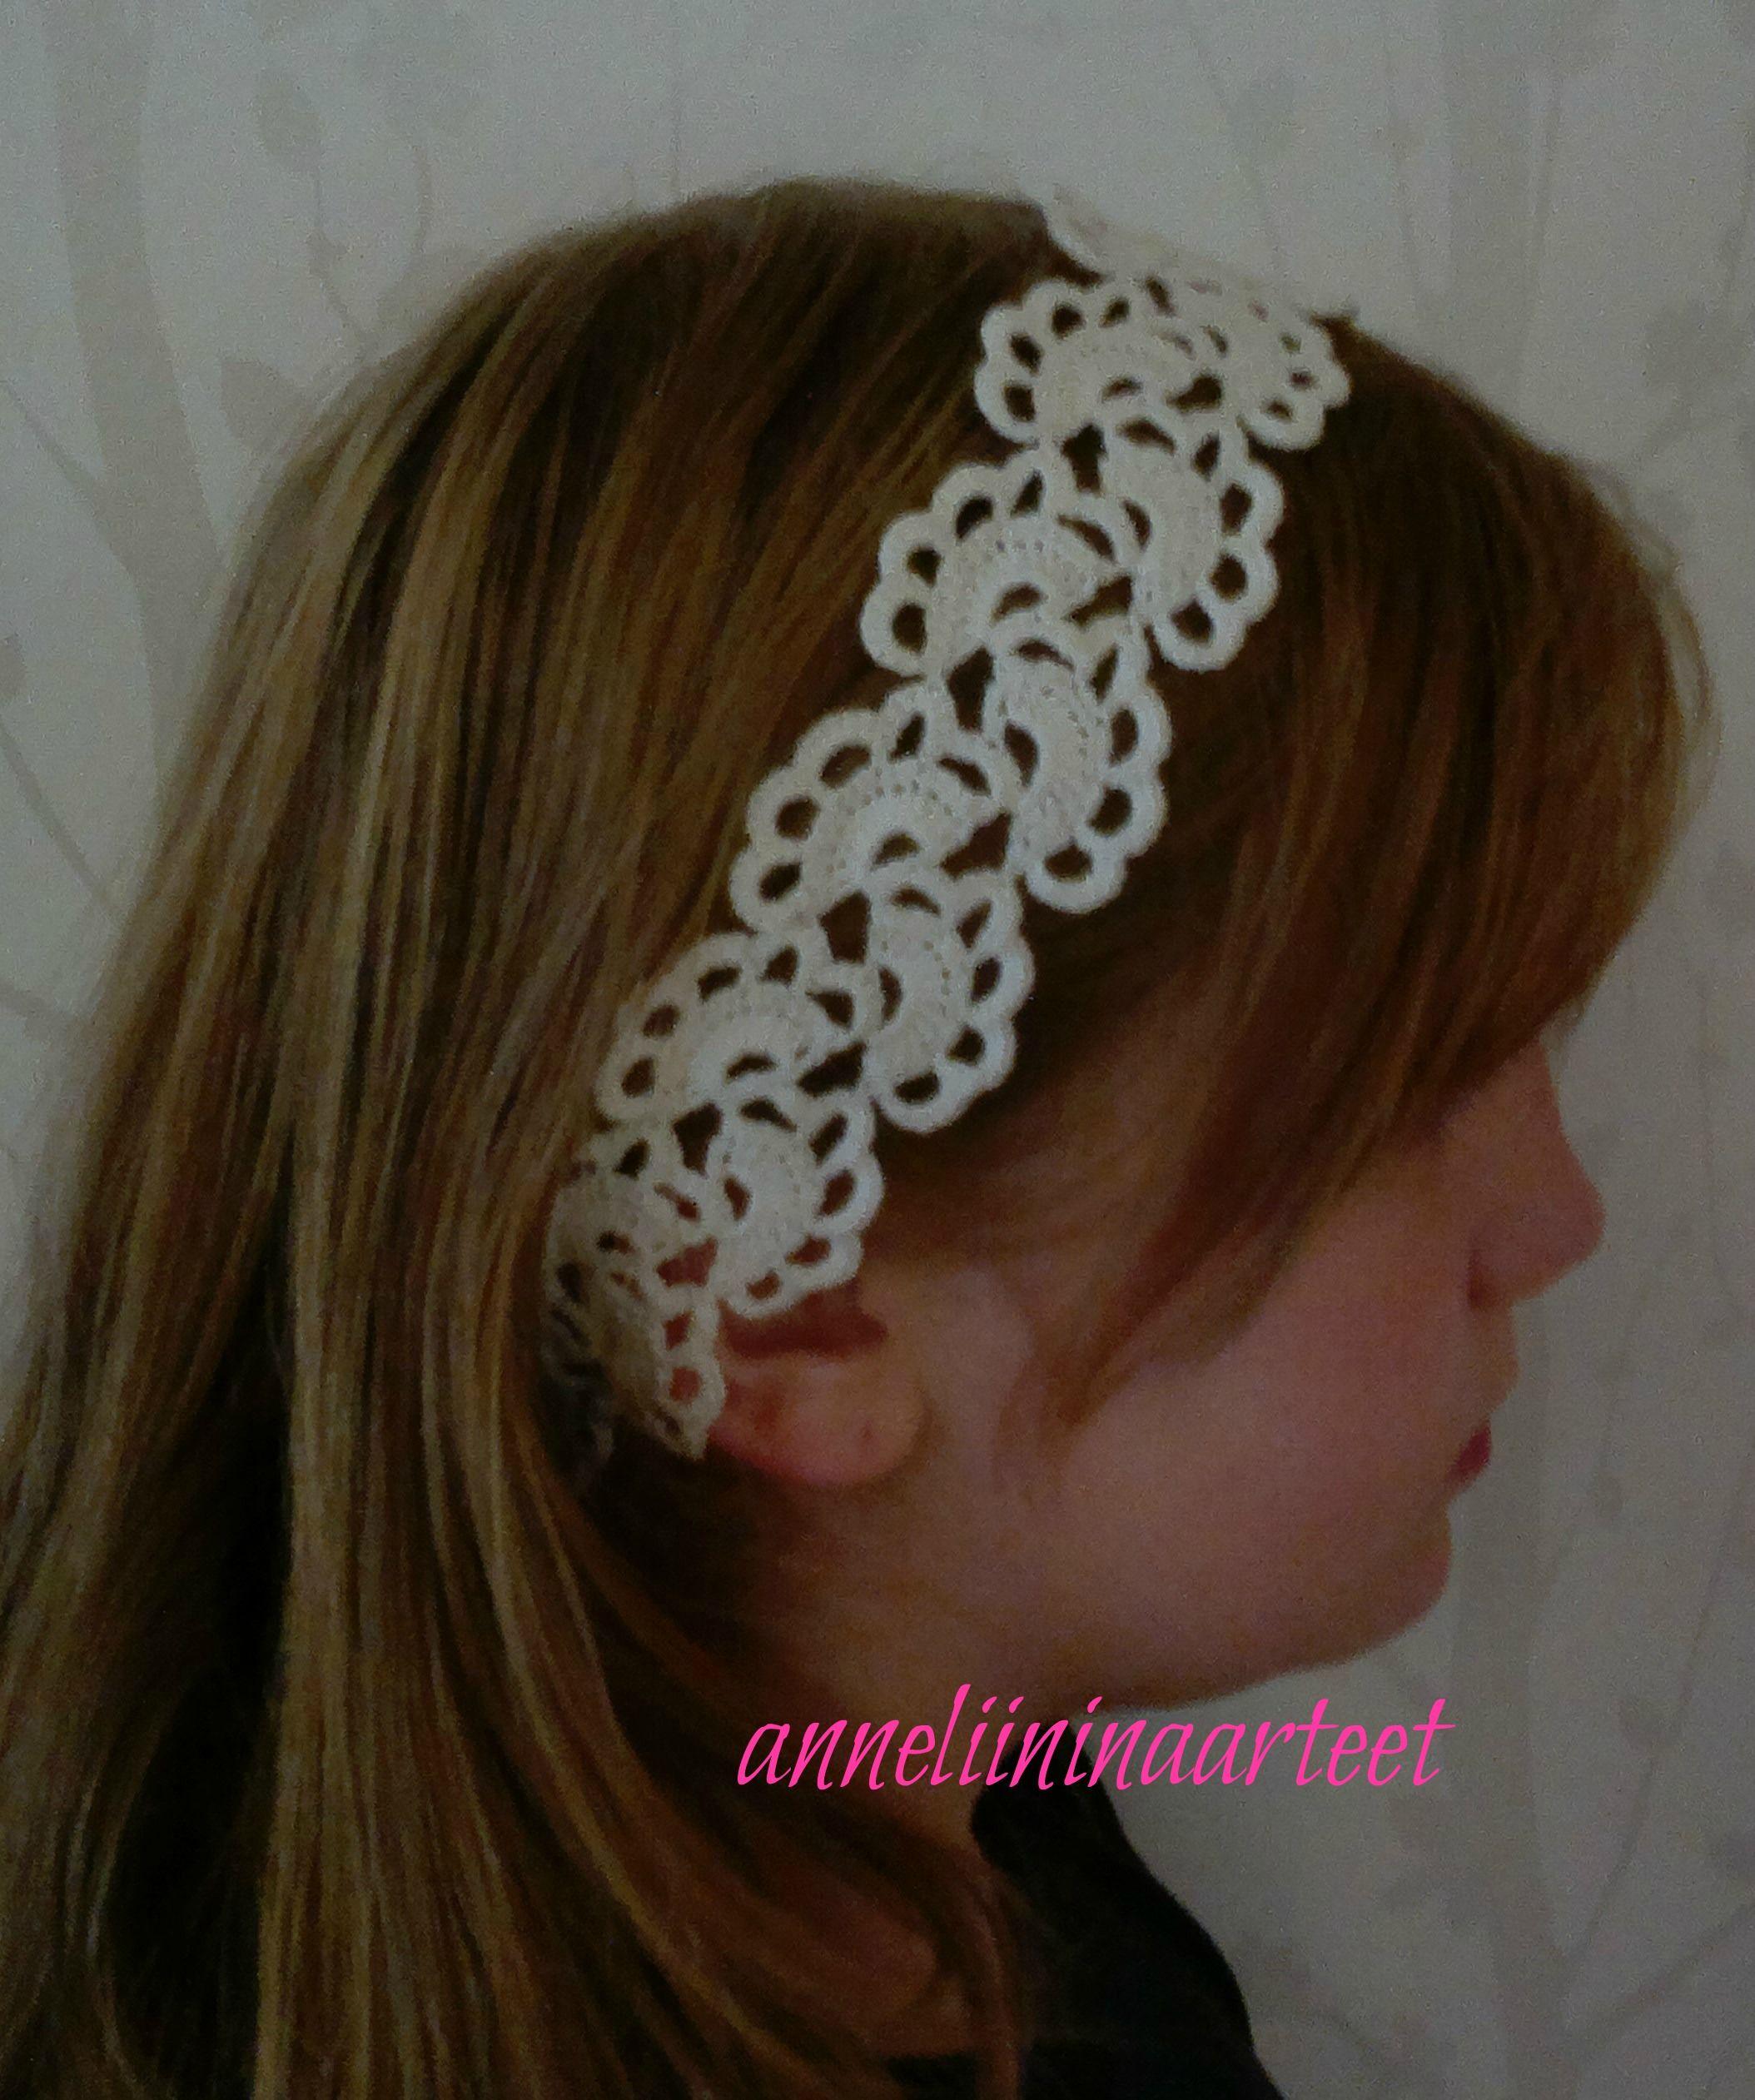 virkattu hiuspanta - crochet headband